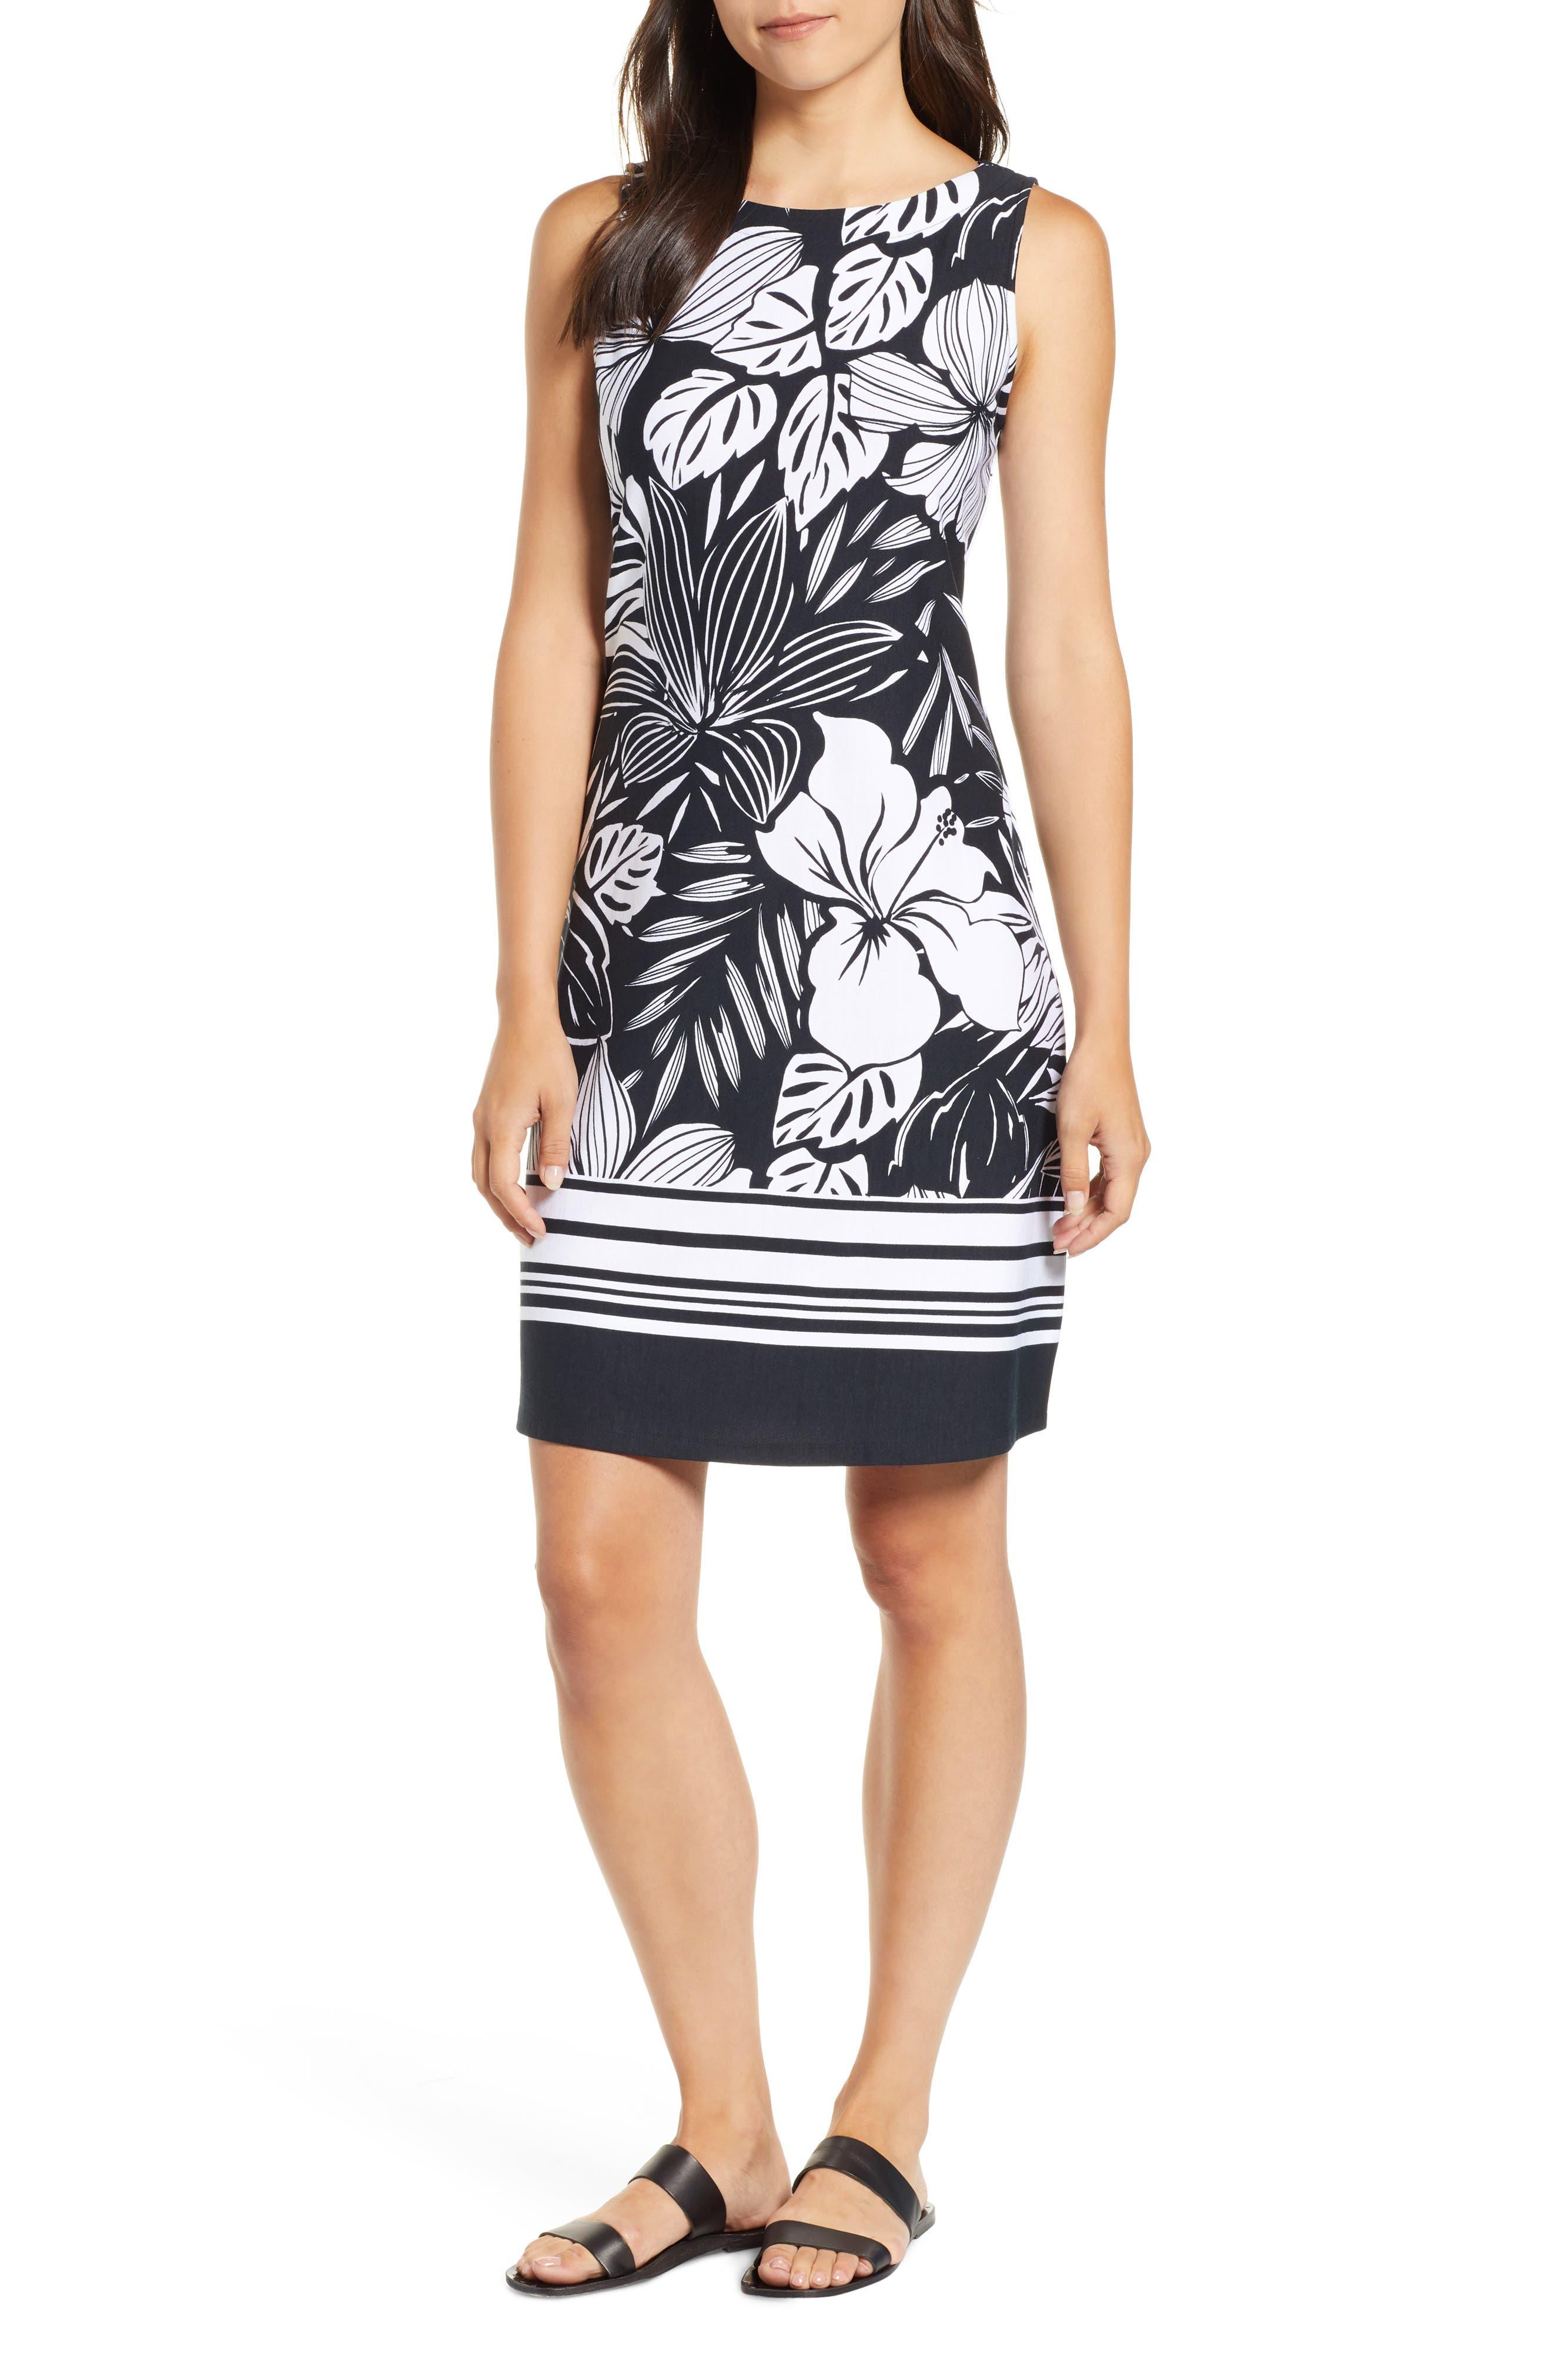 TOMMY BAHAMA Mahana Beach Sheath Dress, Main, color, BLACK